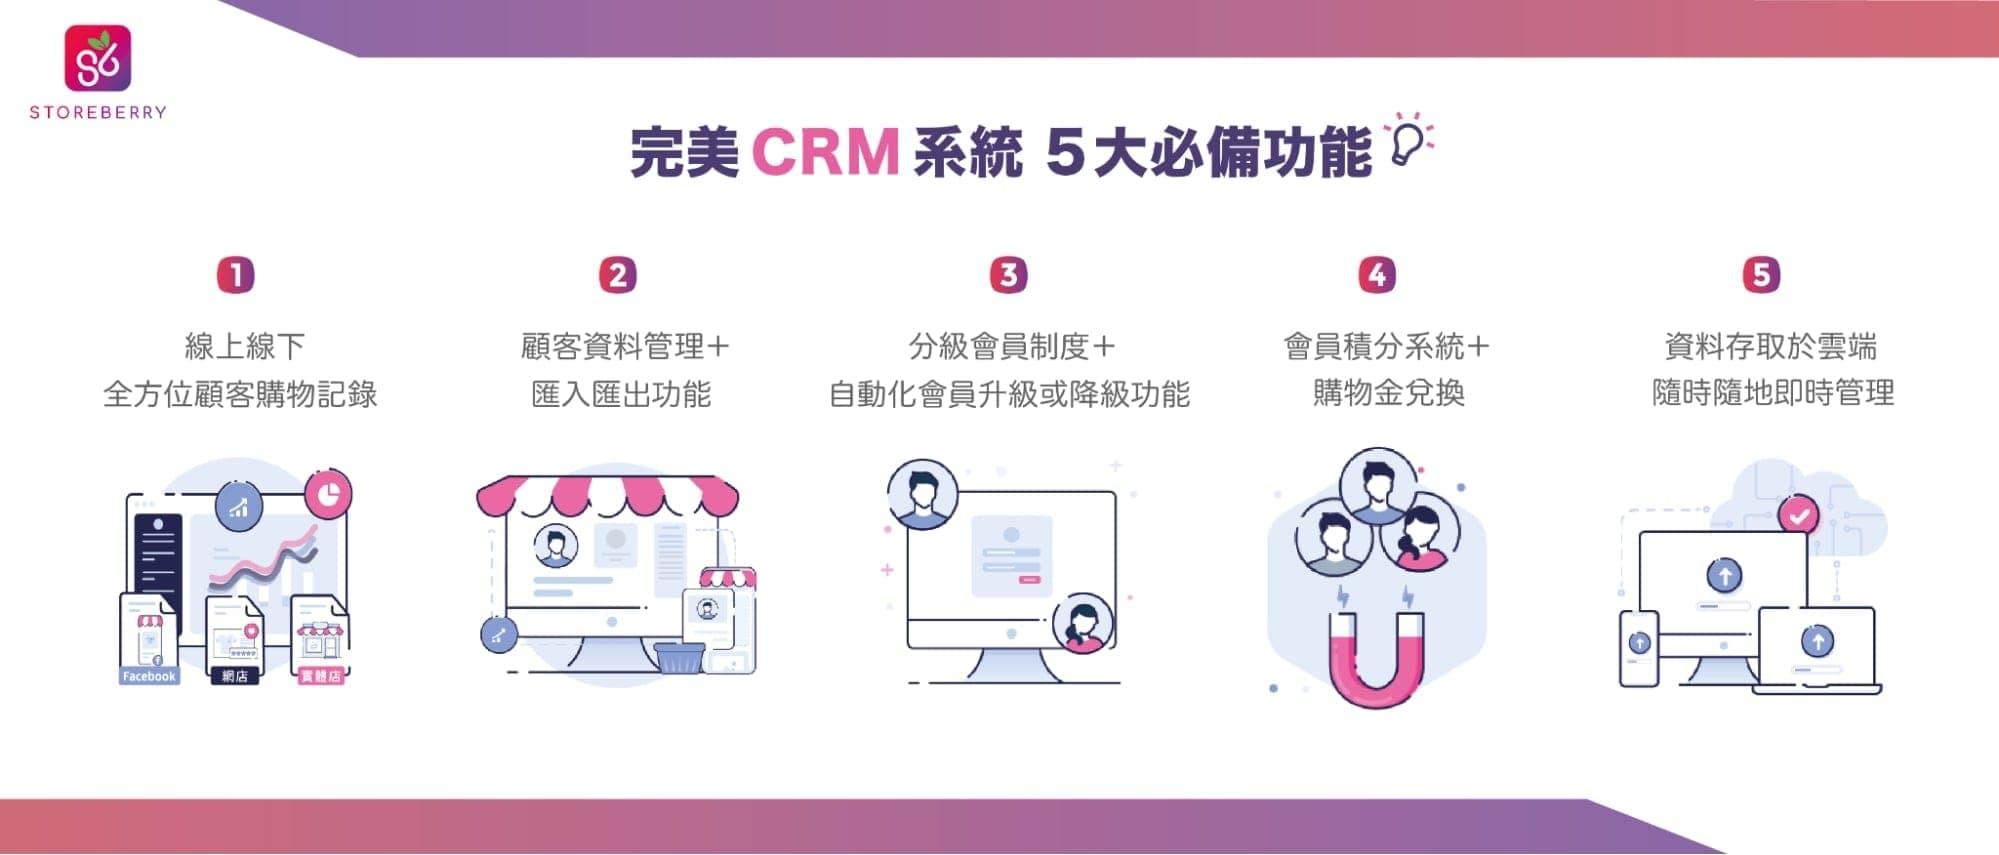 完美 CRM 系統的5大必備功能!商家及企業該如何選擇 CRM 系統?